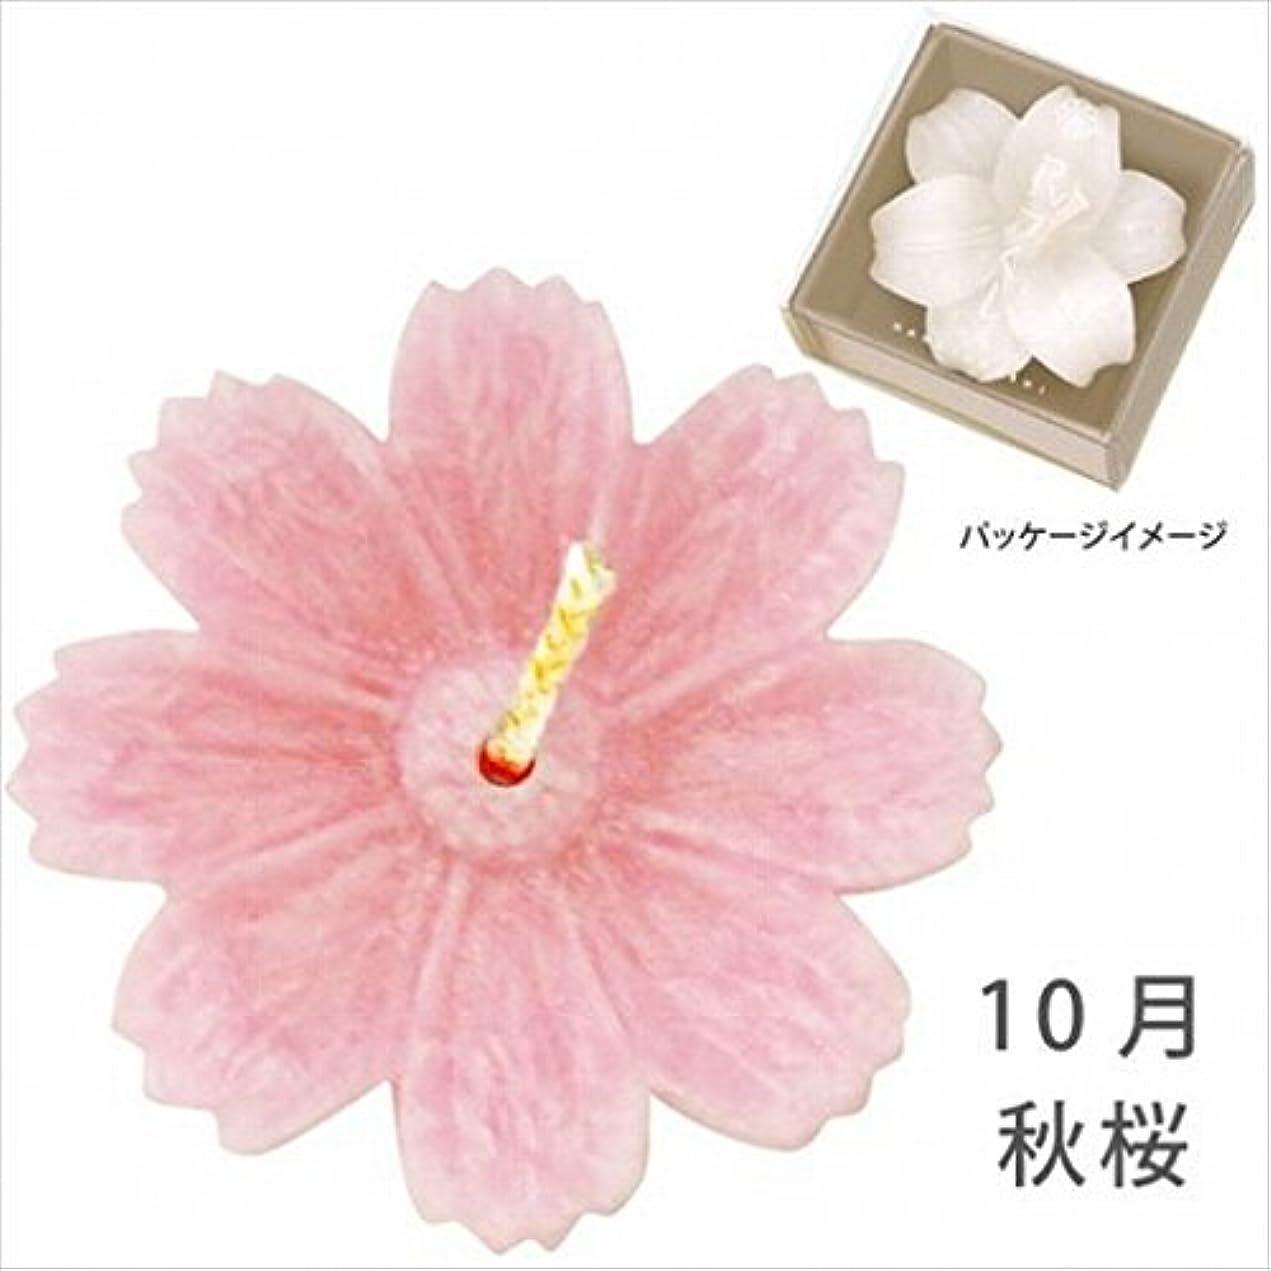 弁護人衣服物語カメヤマキャンドル(kameyama candle) 花づくし(植物性) 秋桜 「 秋桜(10月) 」 キャンドル